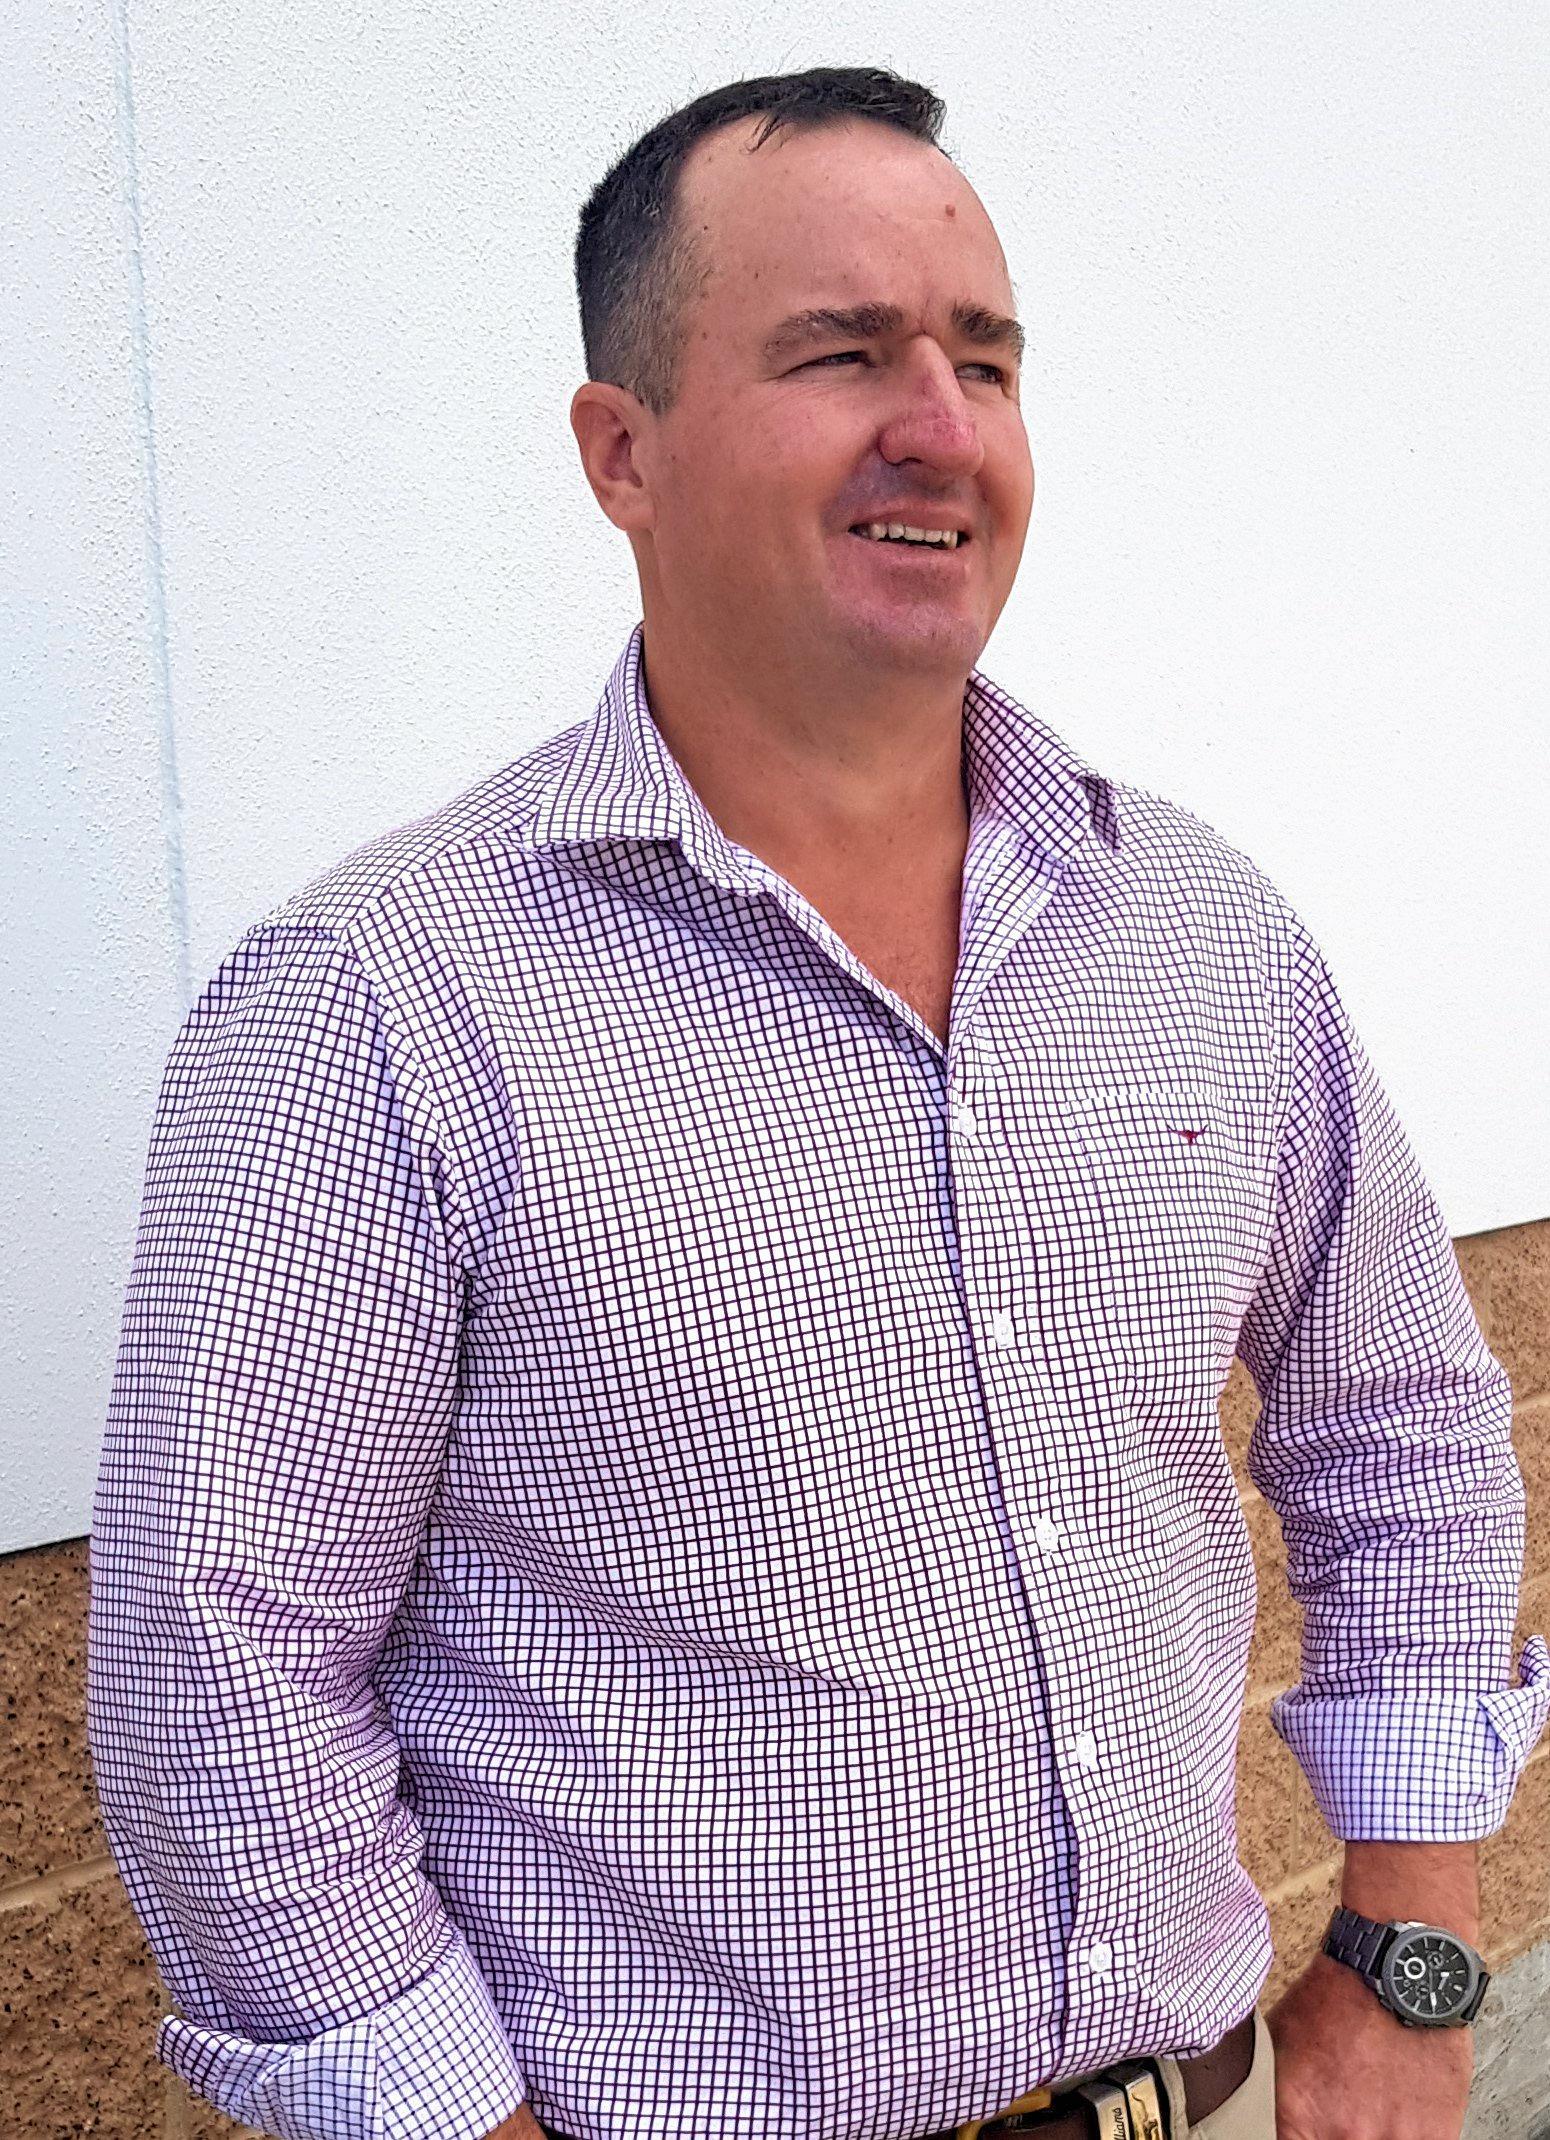 Anthony Wallis, KAP